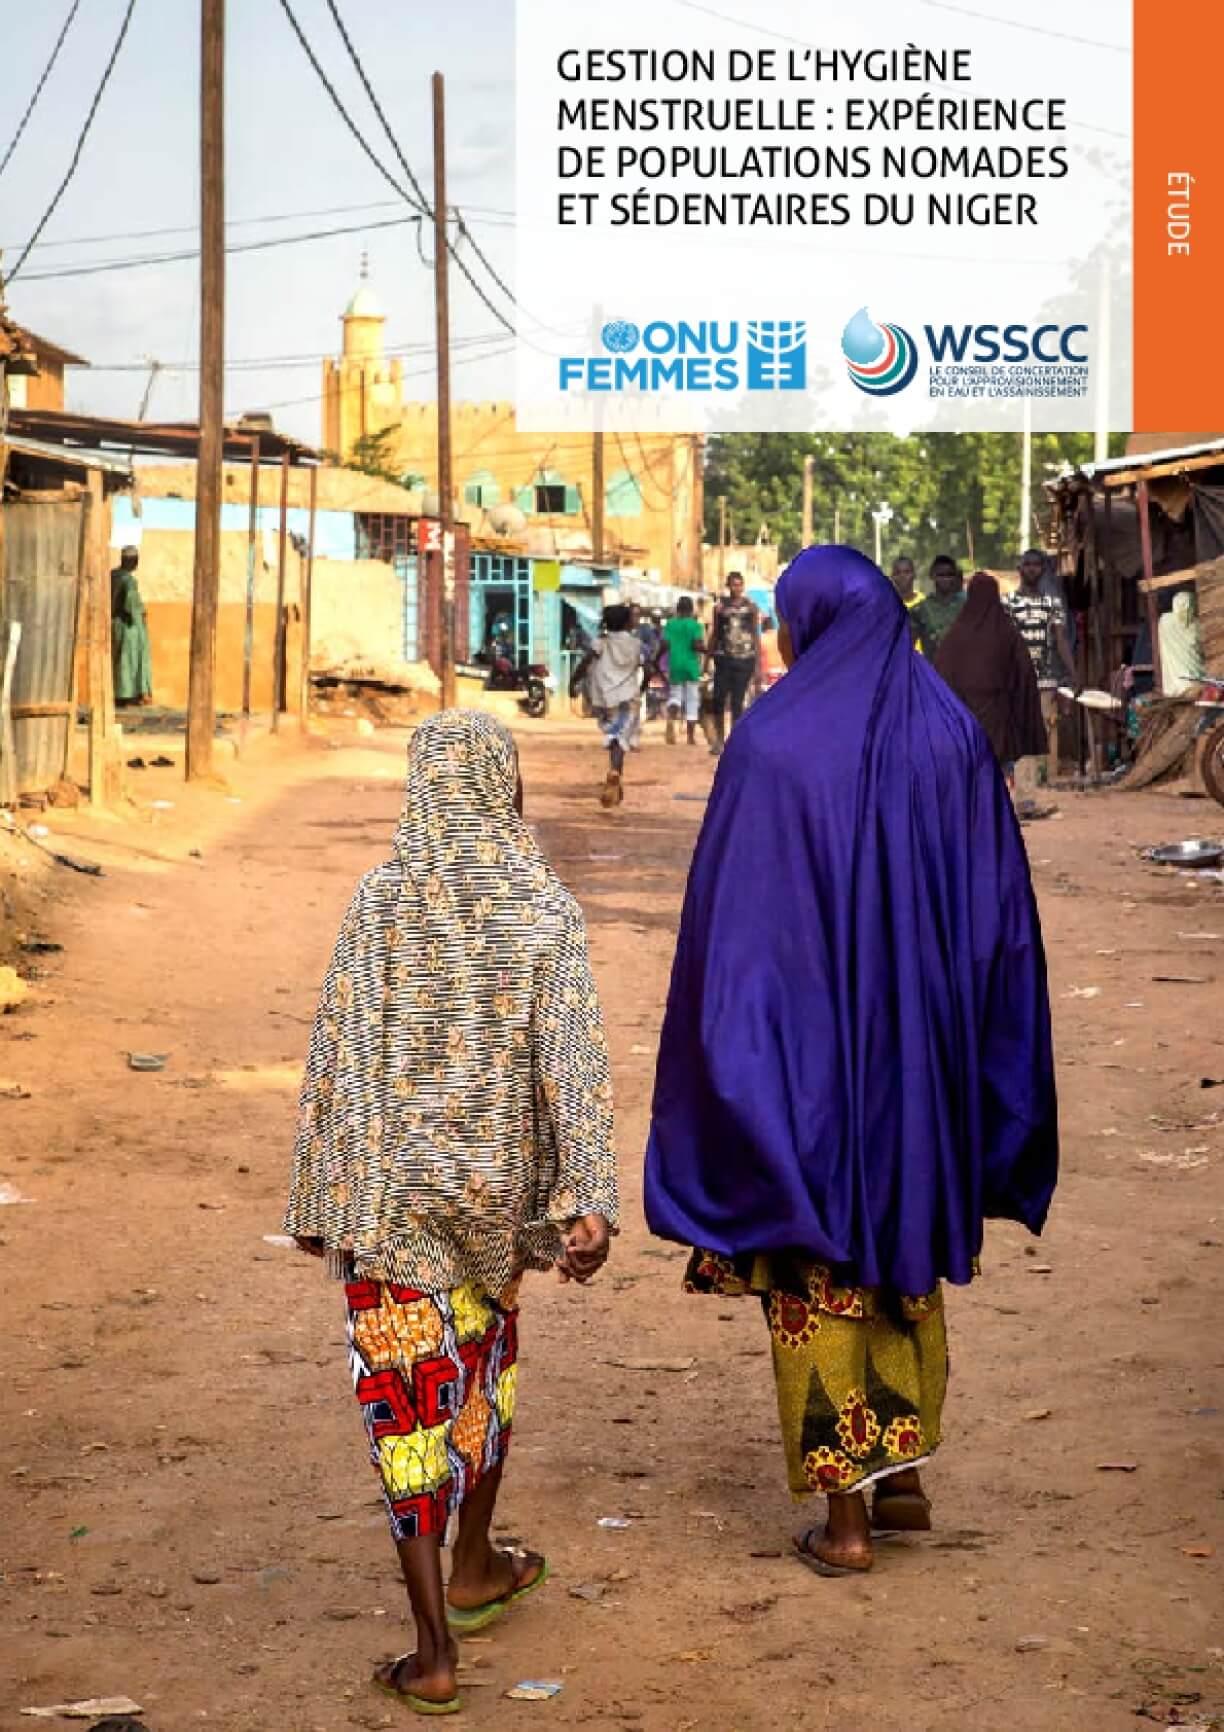 Gestion De L'hygiène Menstruelle: Expérience De Populations Nomades Et Sédentaires Du Niger